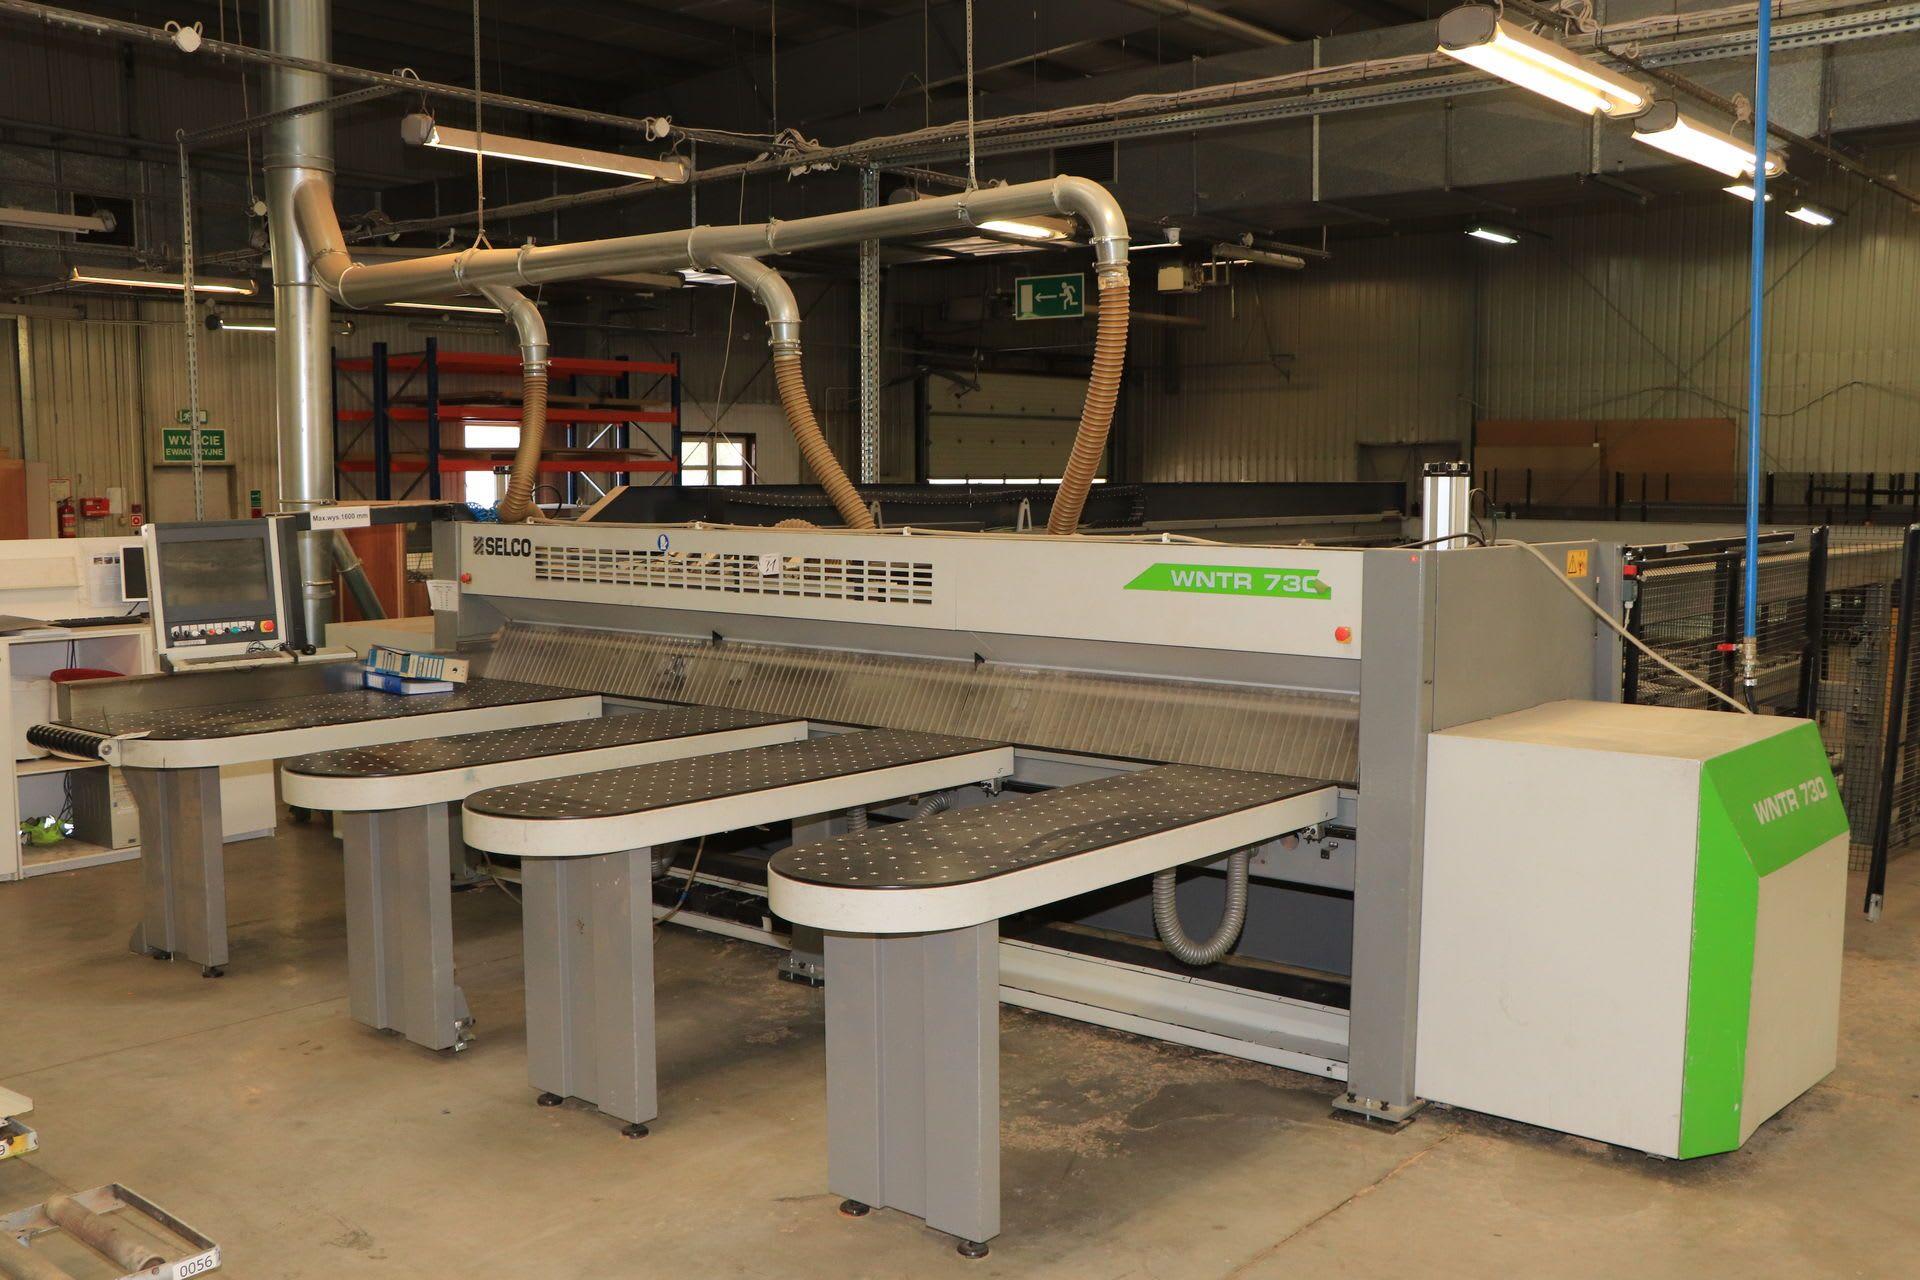 SELCO WNTR 730 Plattensäge mit Hubtisch